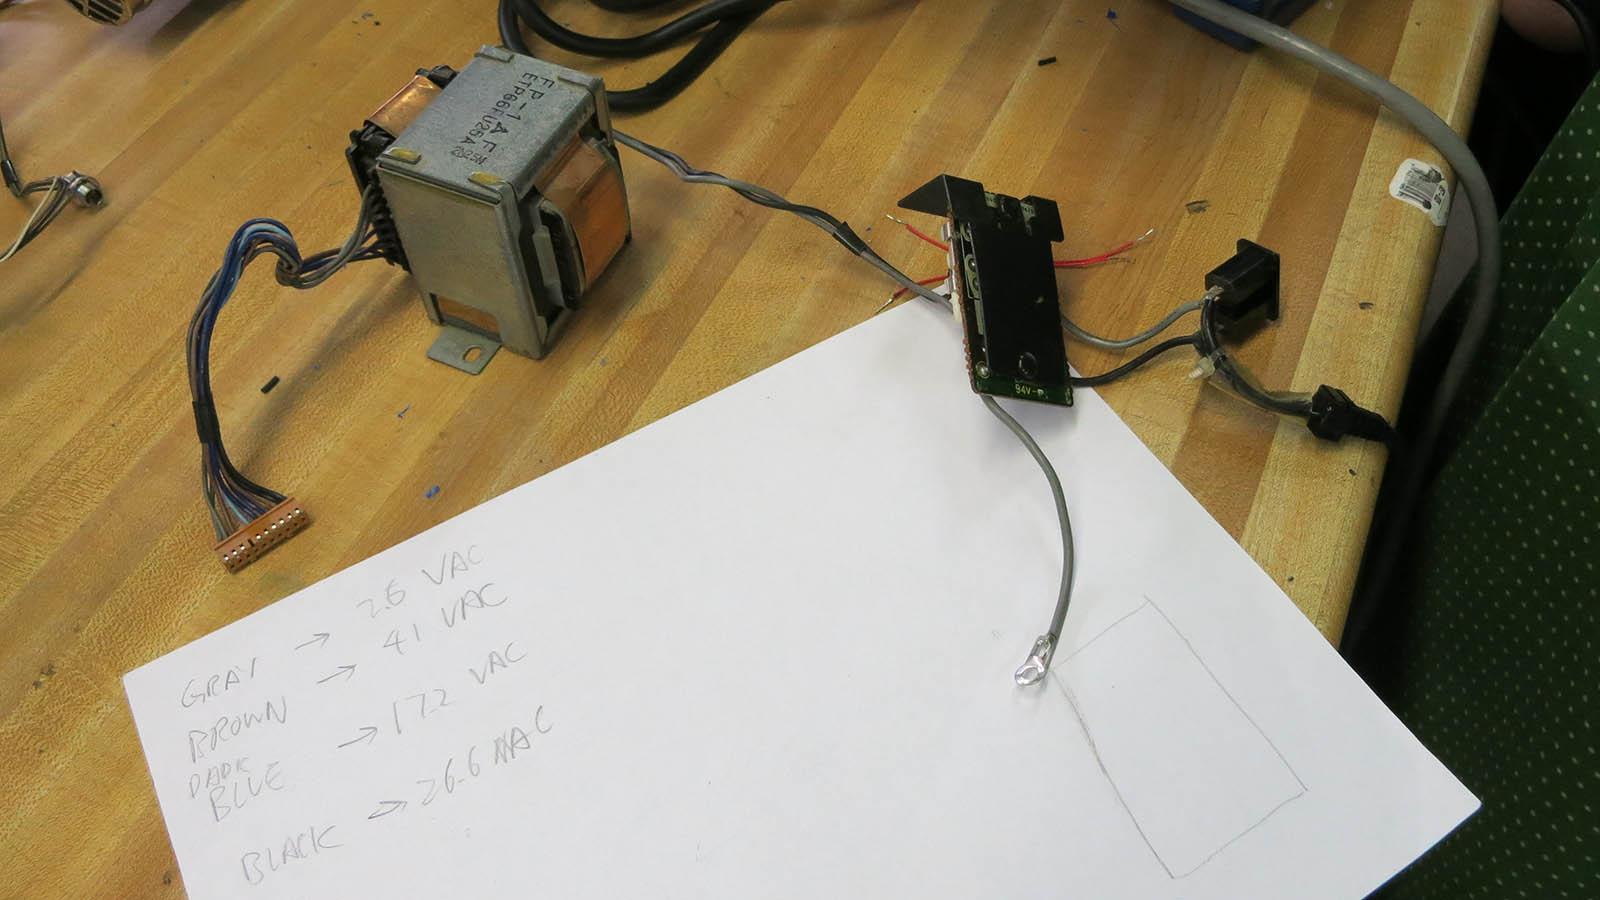 NEC VSL0010-A VFD Power Supply Transformer